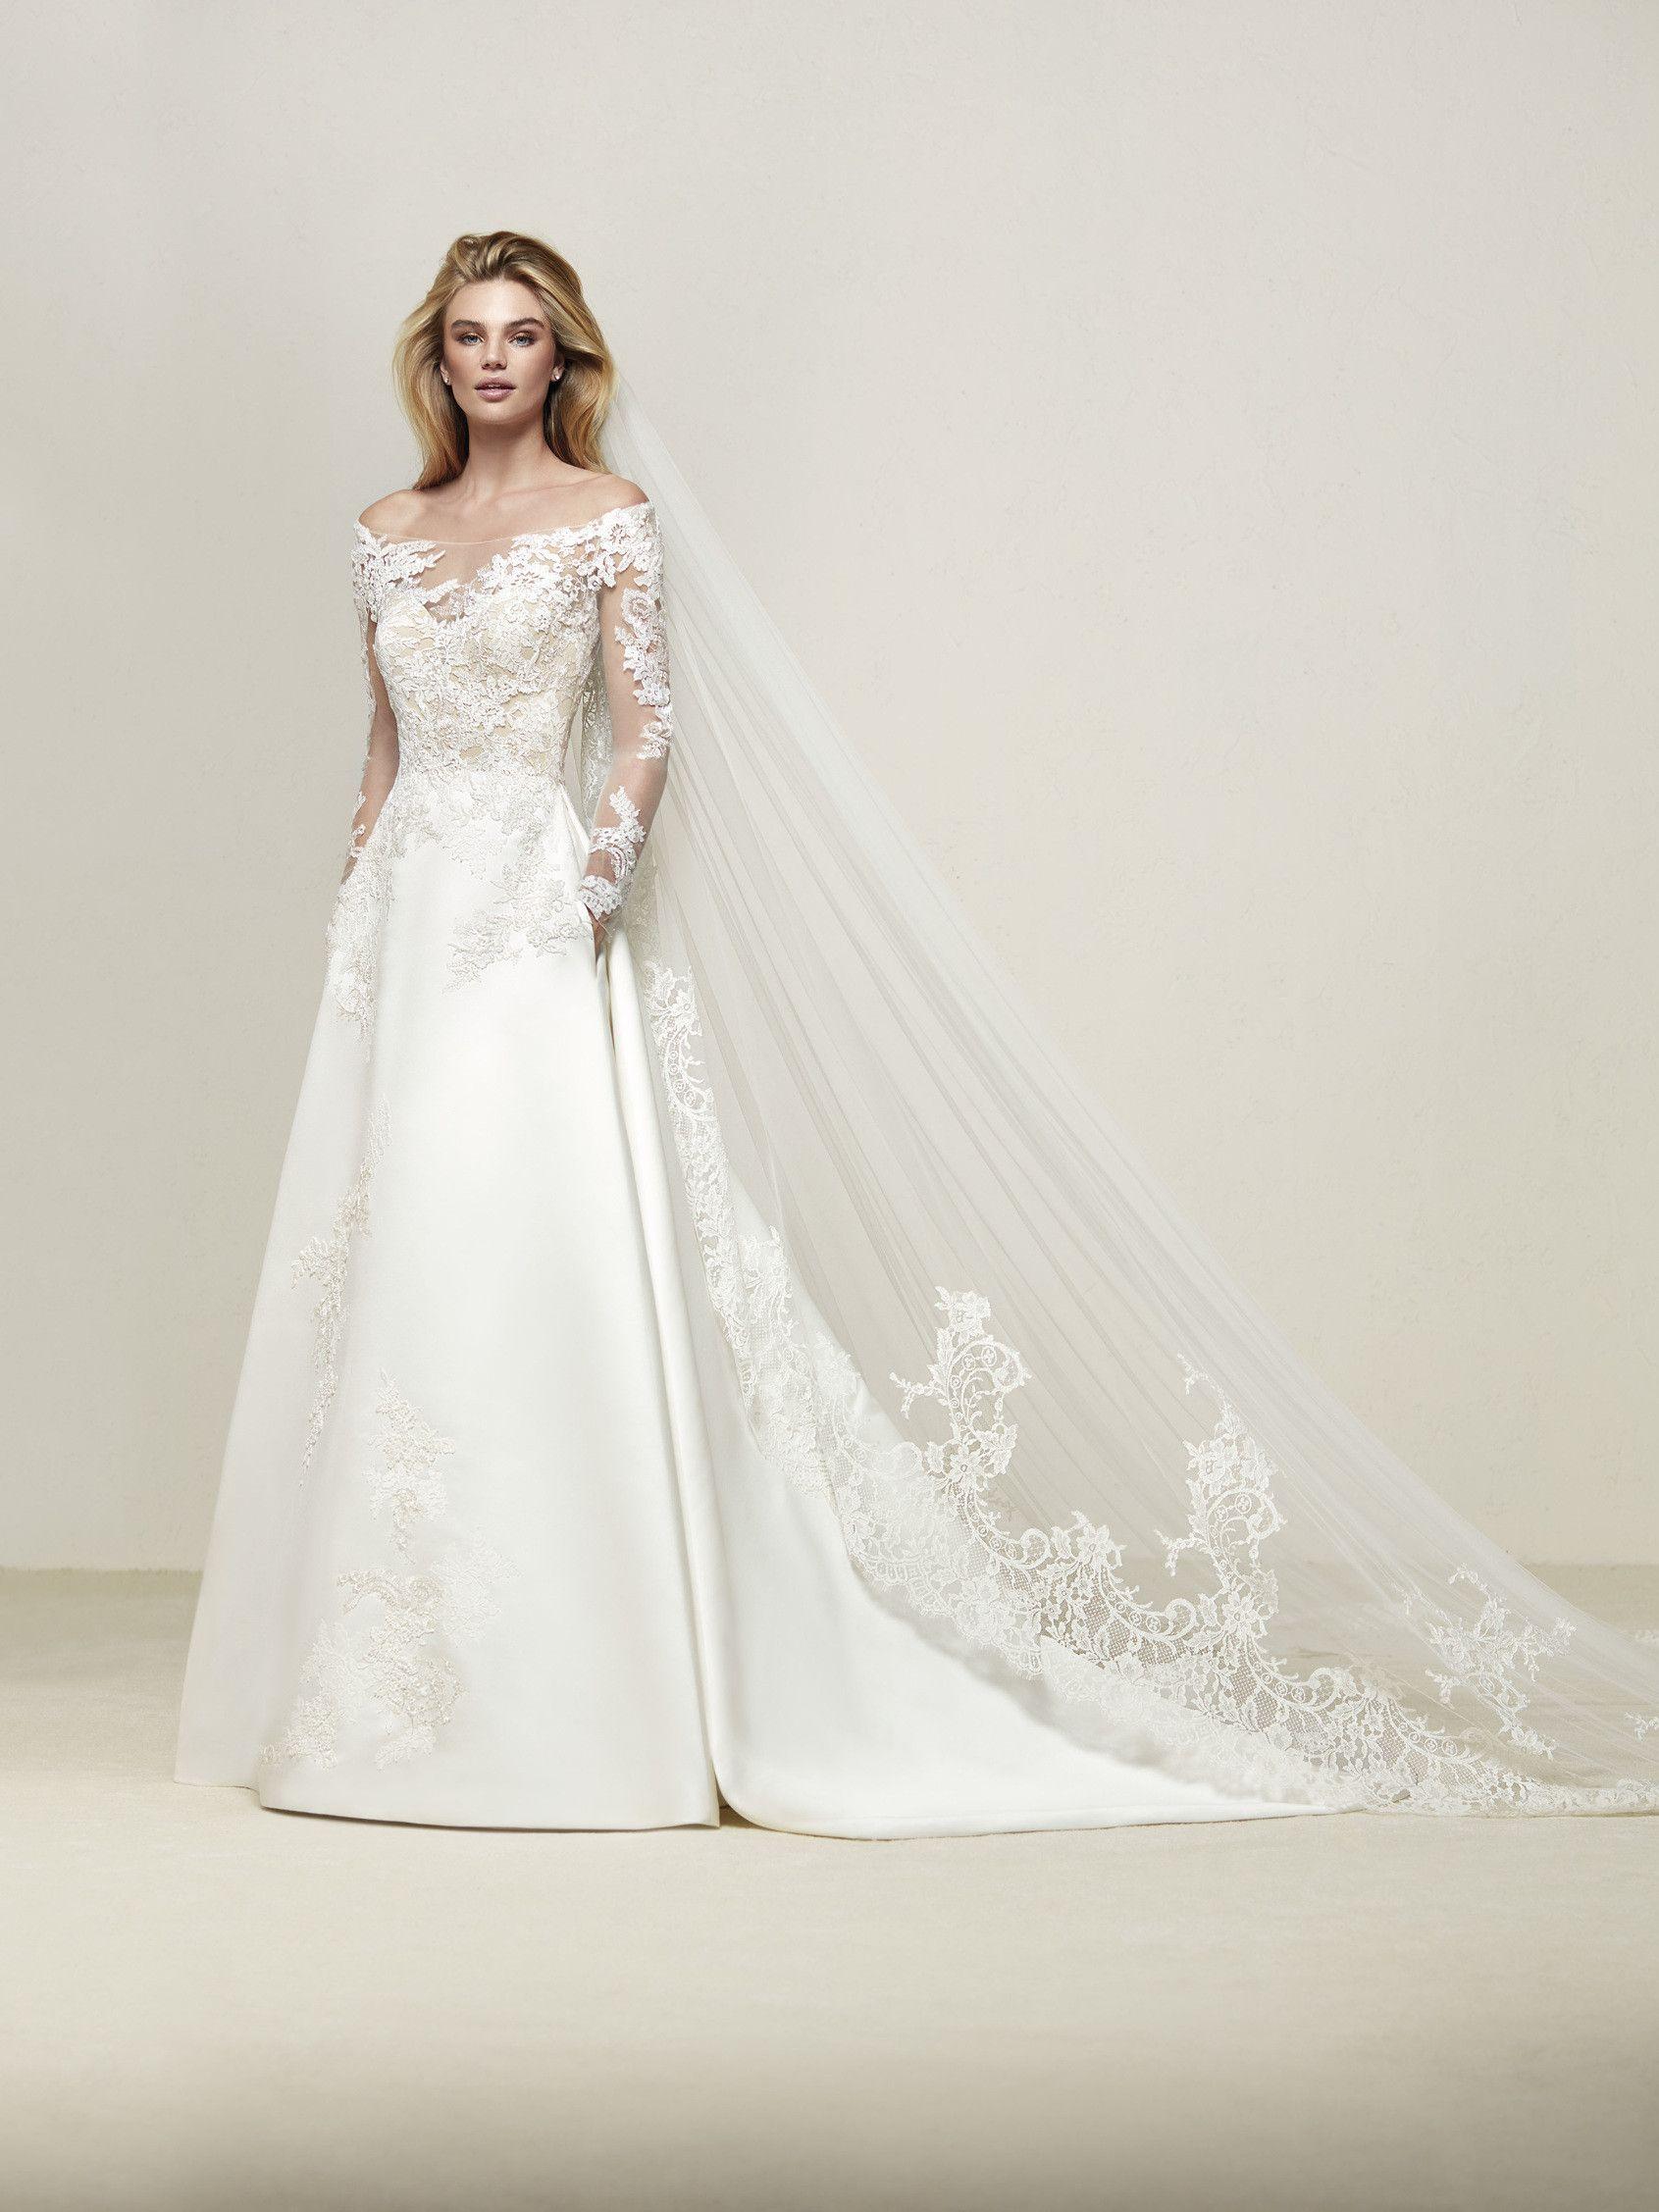 Dresaba  Romantico abito da sposa dalla linea svasata con gonna in raso  reale con tasche e applicazioni in pizzo - Pronovias 5877c1c1f024